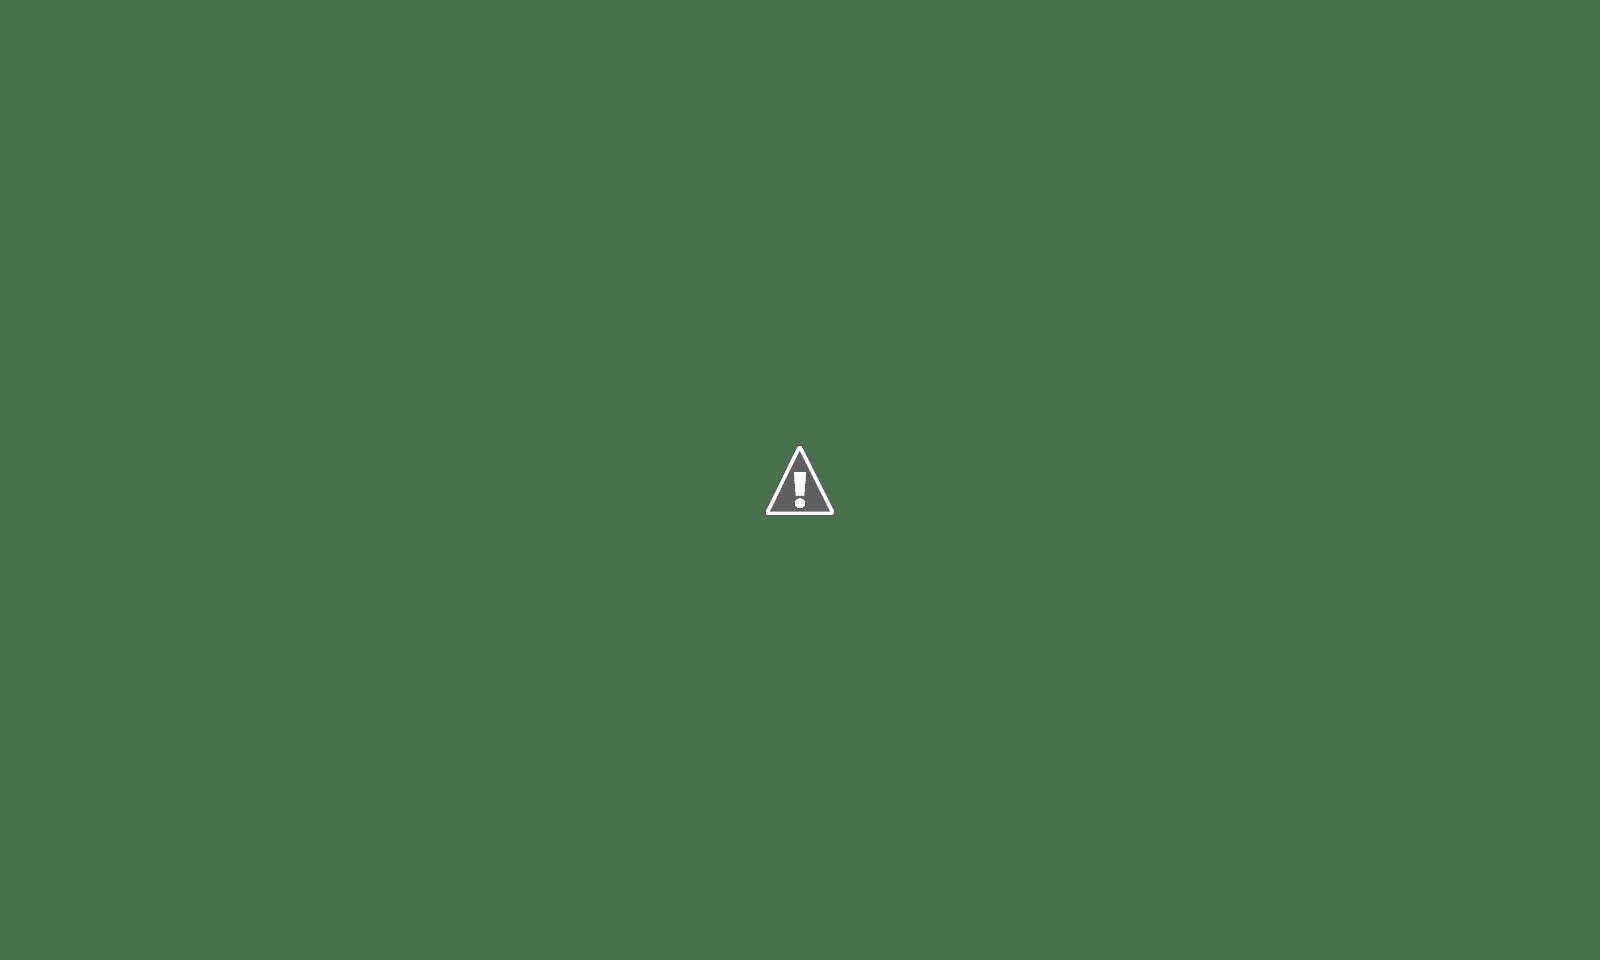 Хлебопечка на буханку в 250 гр - есть такие?